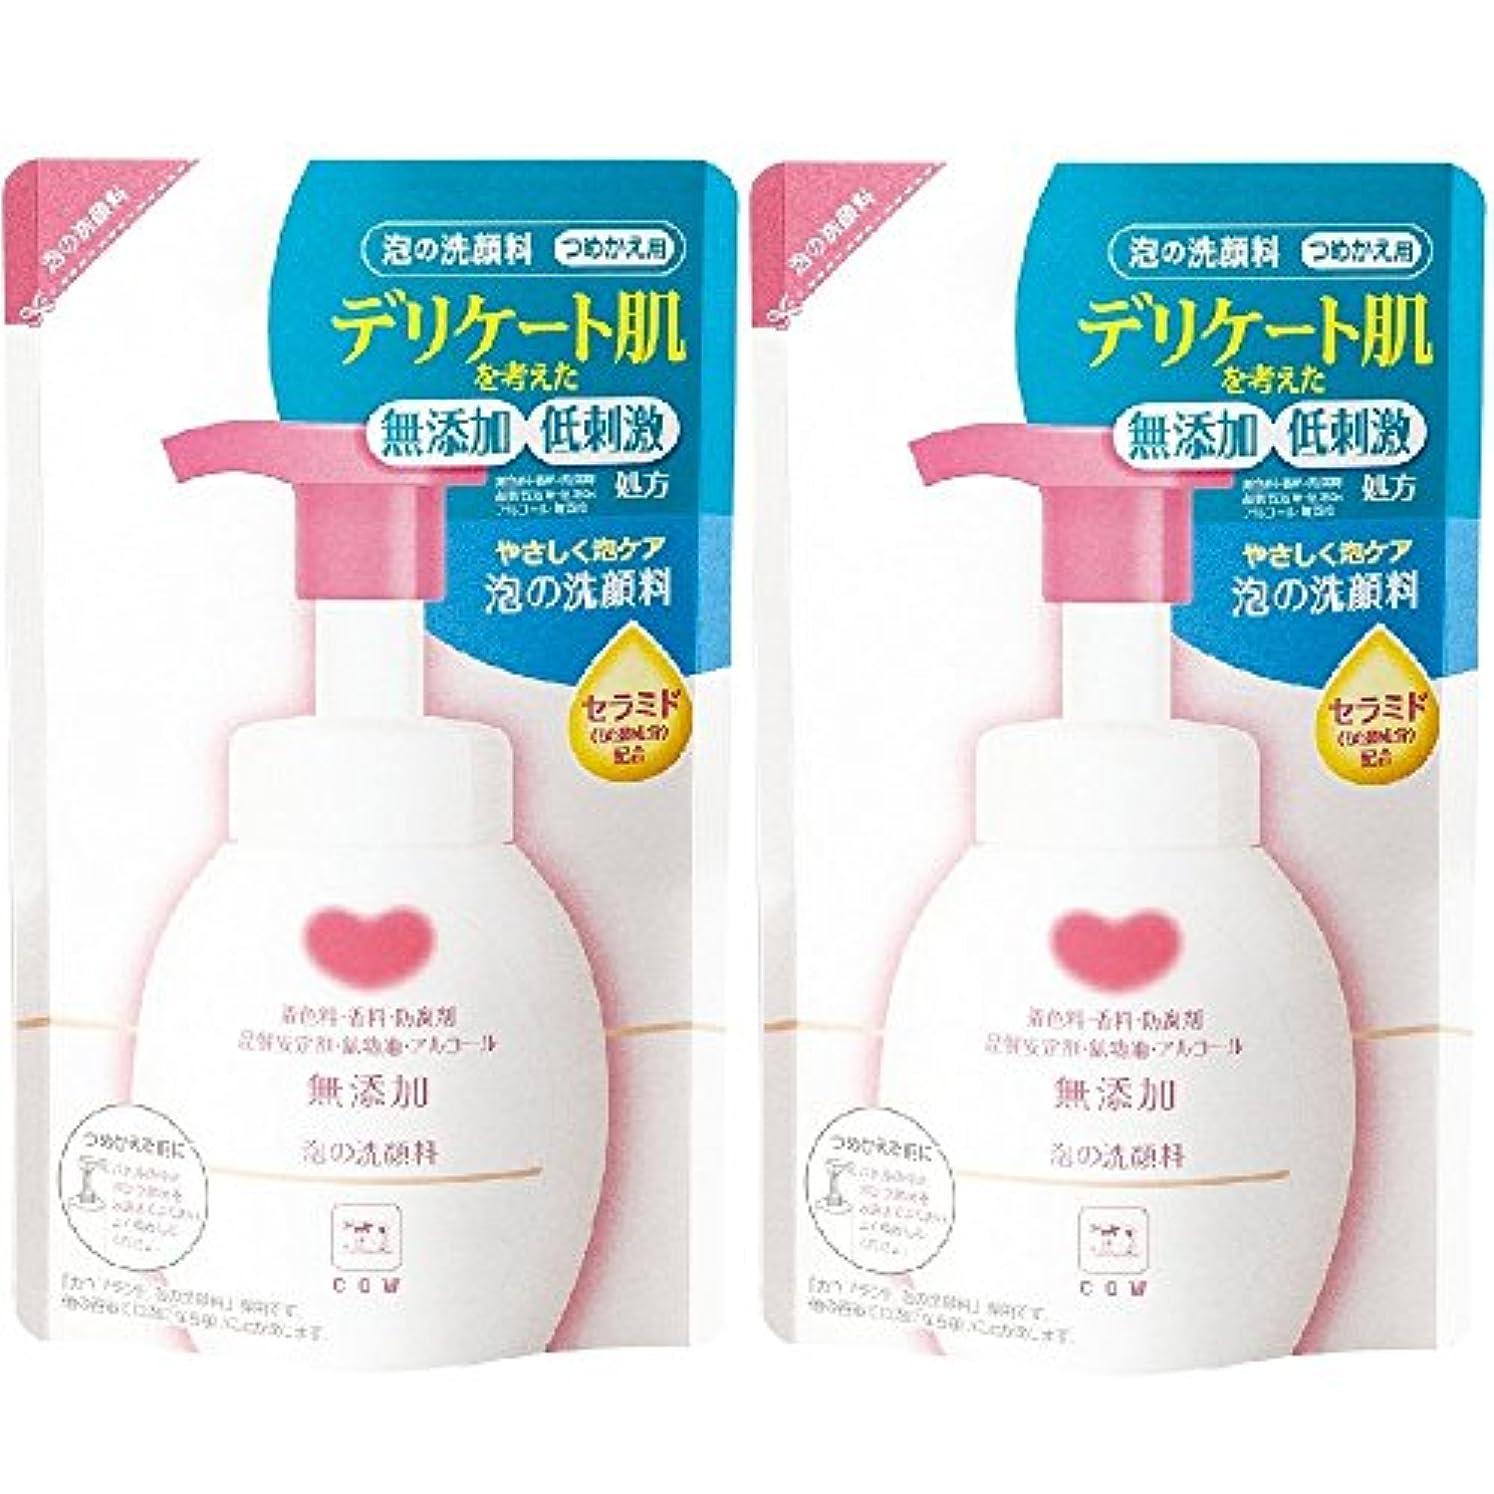 母生産的介入するカウブランド 無添加 泡の洗顔料 詰替用 2個組 (180mL×2個)